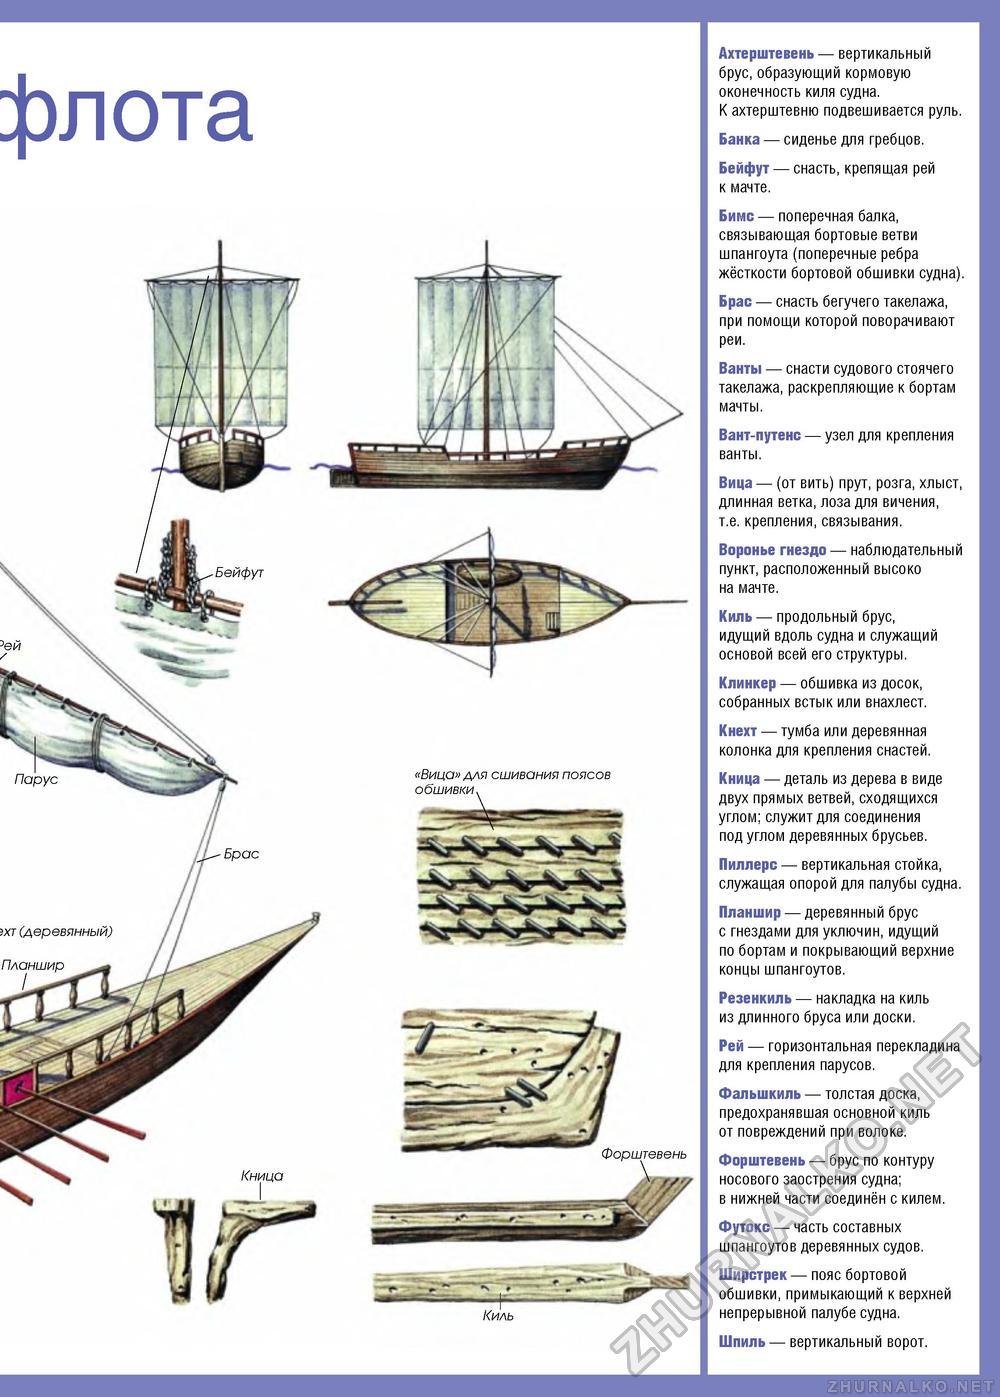 набор снастей судна